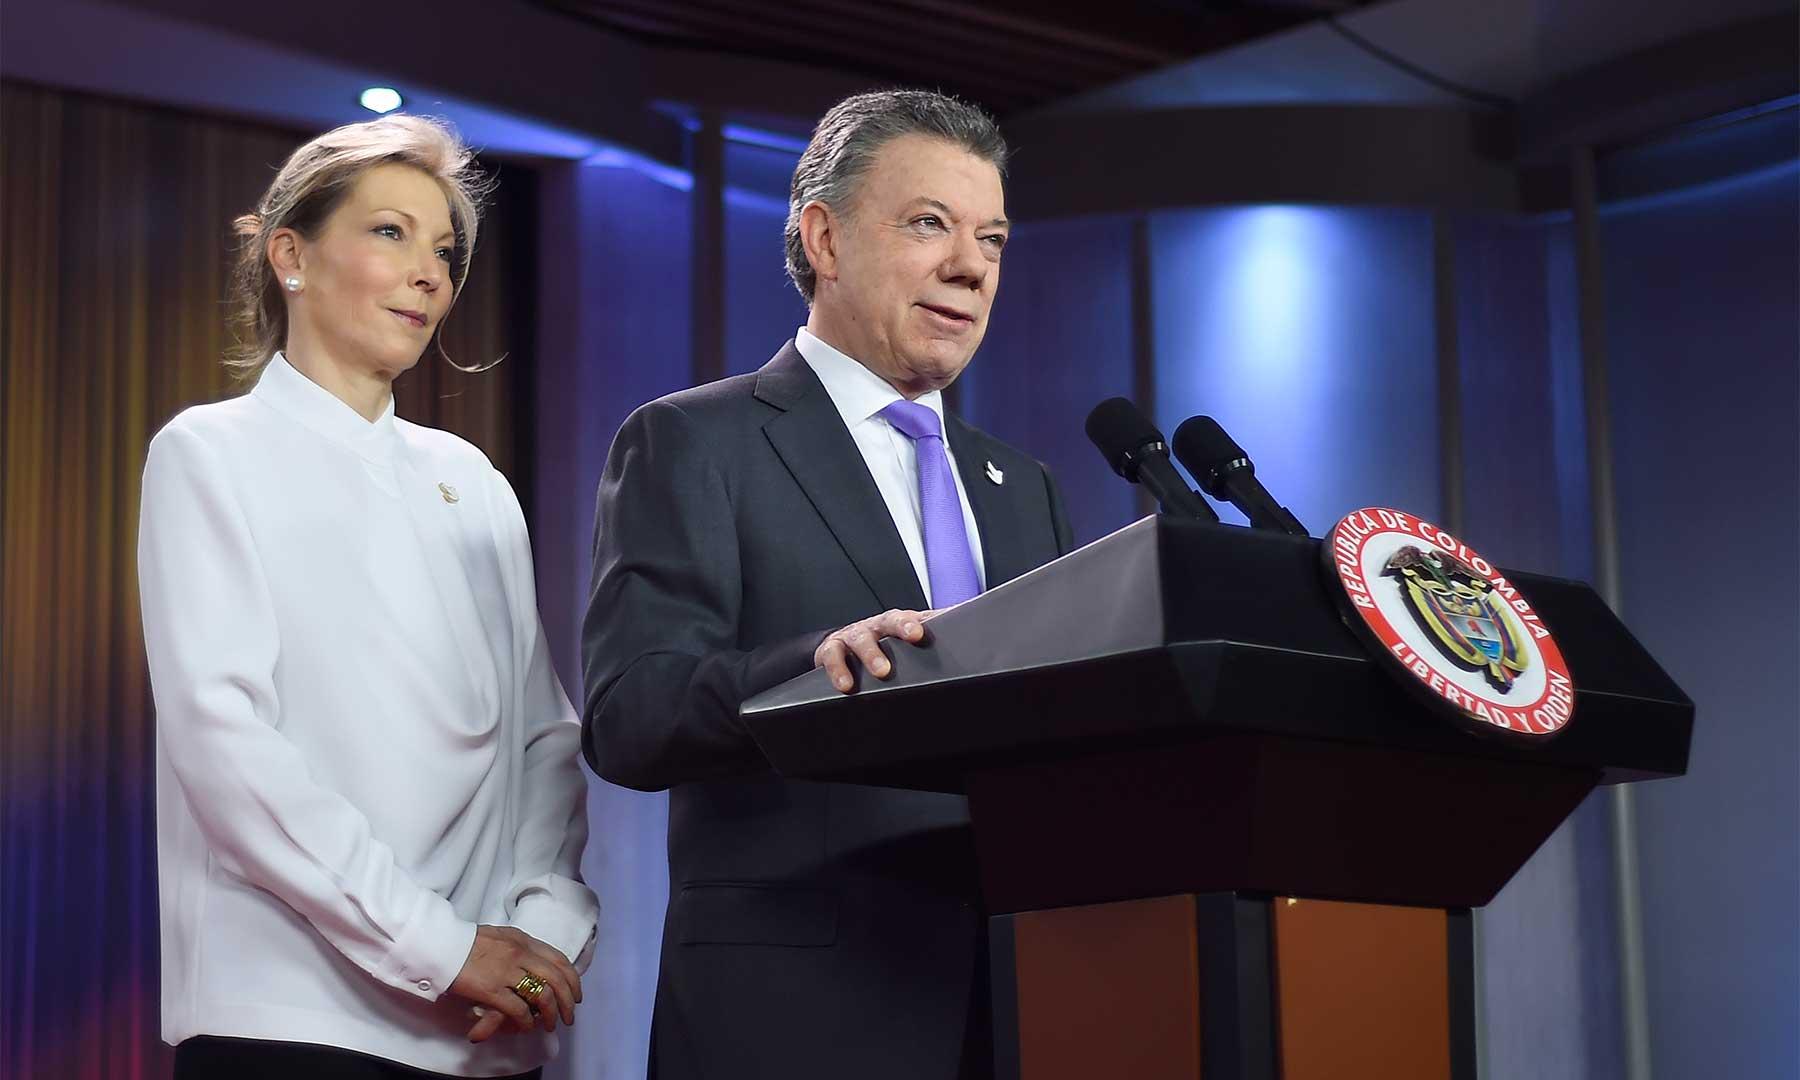 """""""Gracias a Dios la paz está cerca. La paz es posible. Es hora de la paz"""", dijo el Presidente Santos, acompañado por su esposa María Clemencia Rodríguez, luego de que le fue otorgado el Premio Nobel de Paz 2016."""